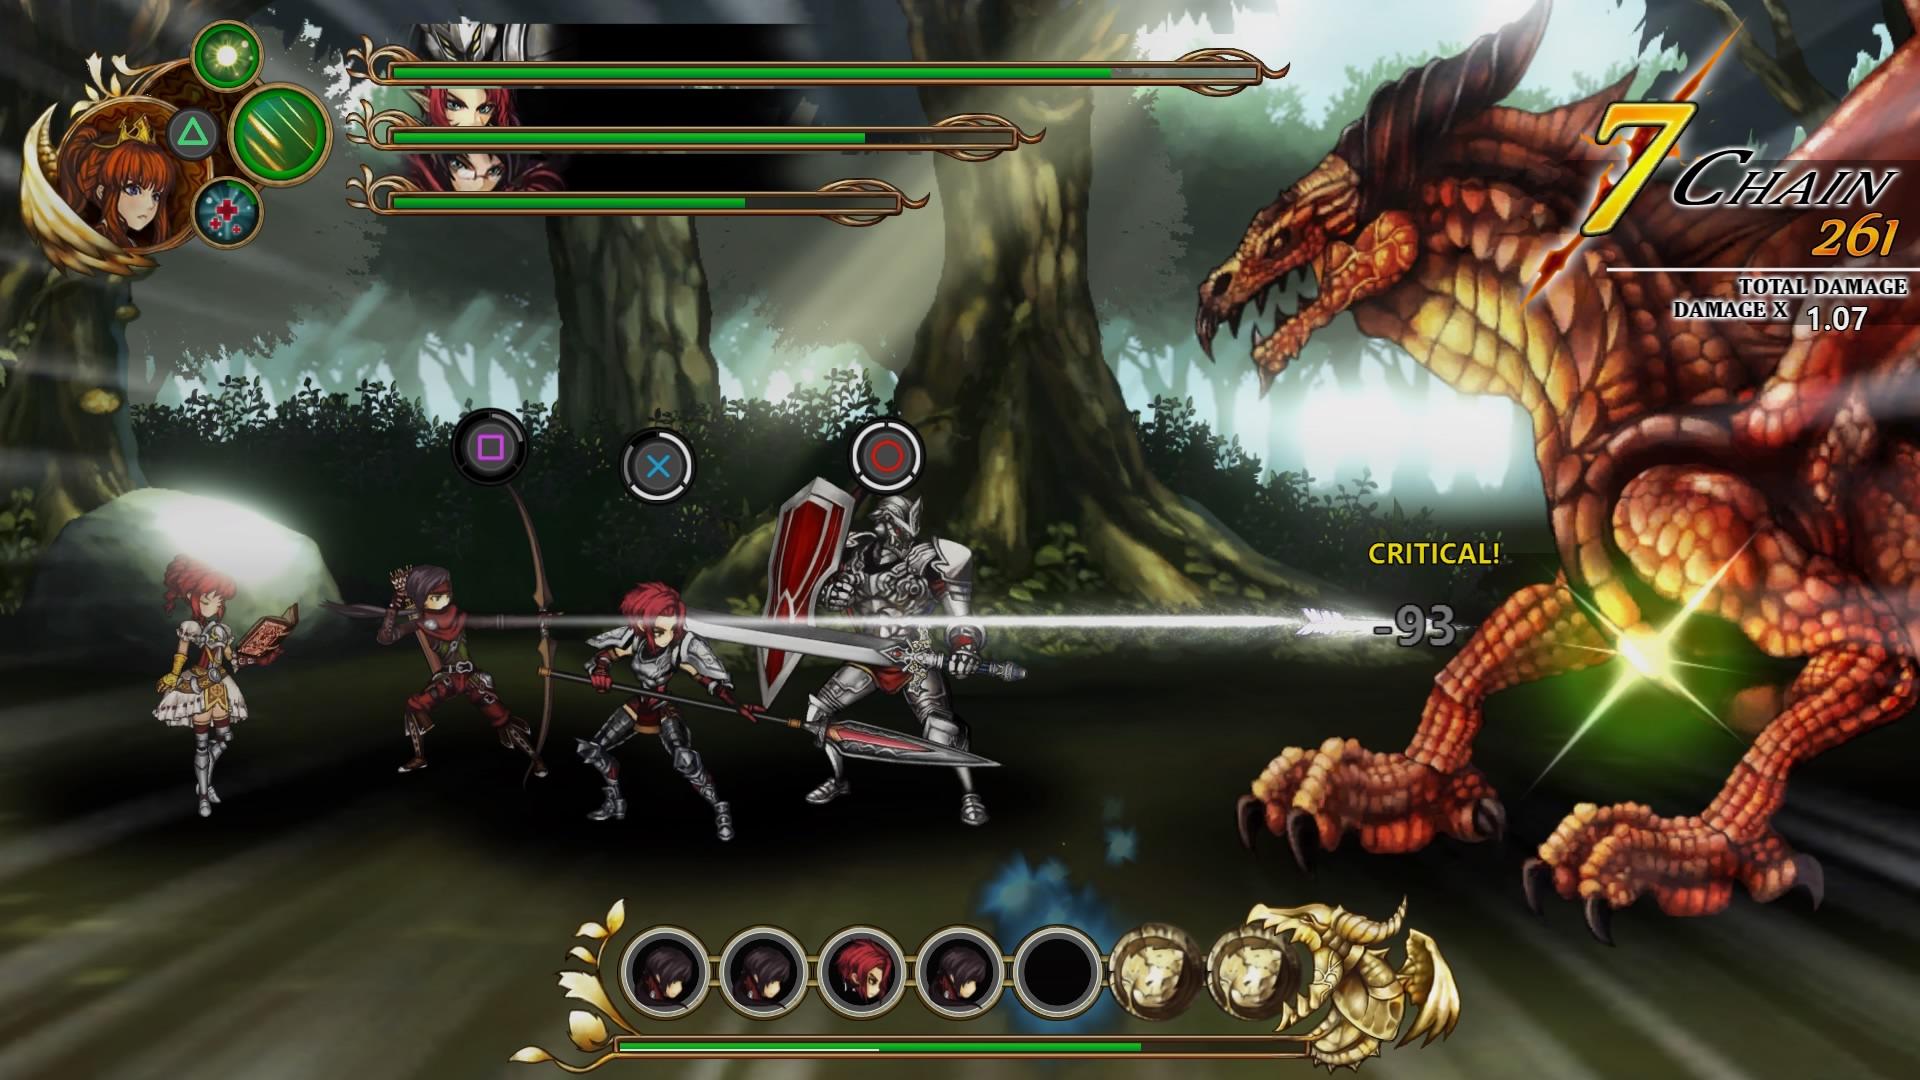 Fallen Legion Un Nuevo Rpg En 2d Anunciado Para Ps4 Hobbyconsolas